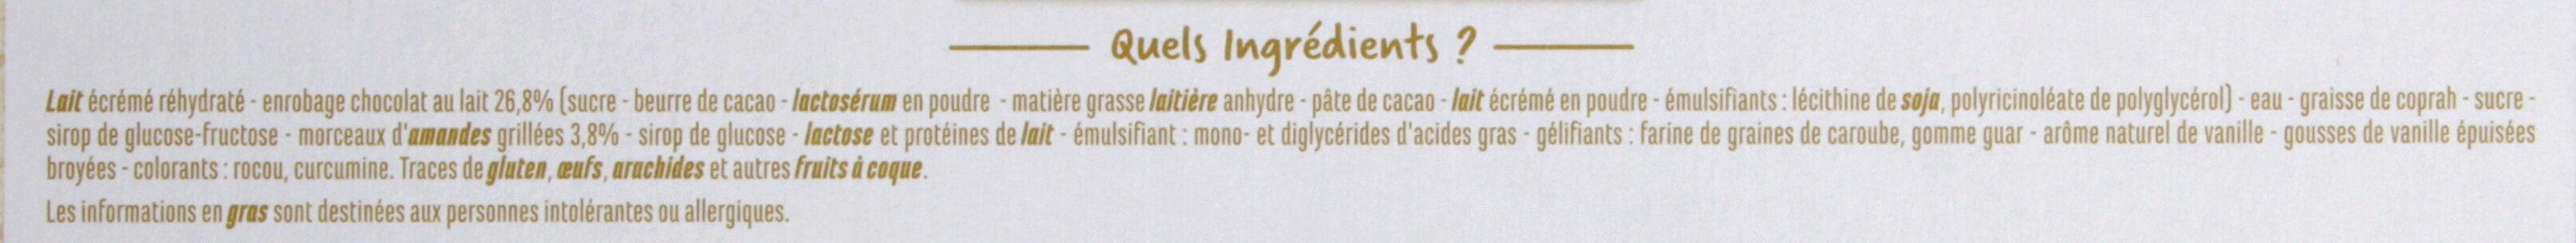 Maxi bâtonnets vanille enrobage chocolat au lait éclats d'amandes x4 - Ingredients